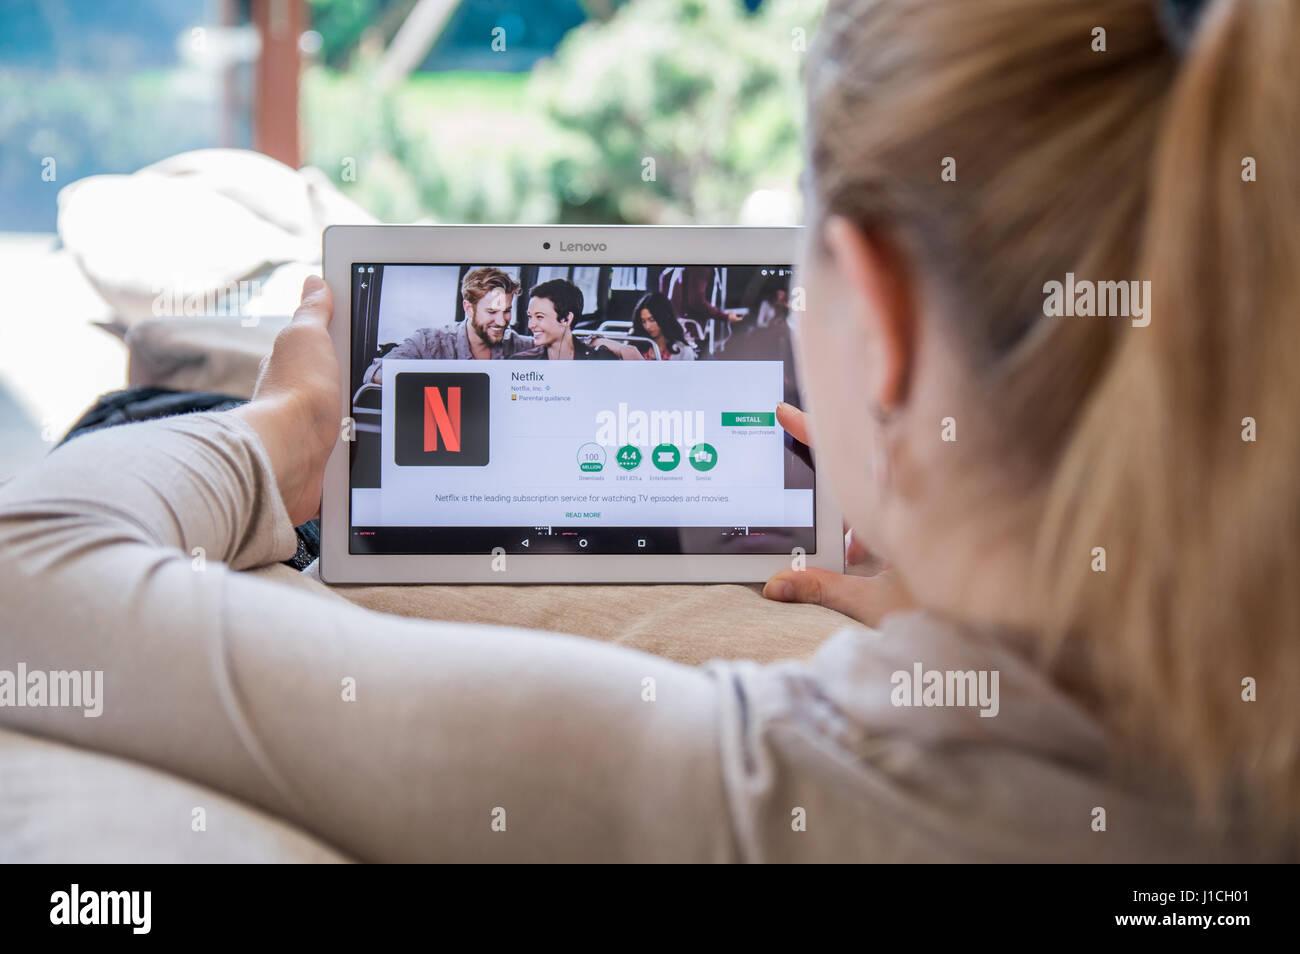 WROCLAW, Polen - 10. April 2017: Frau ist Netflix-Anwendung auf Lenovo Tablet installieren. Netflix ist eine amerikanische Stockbild